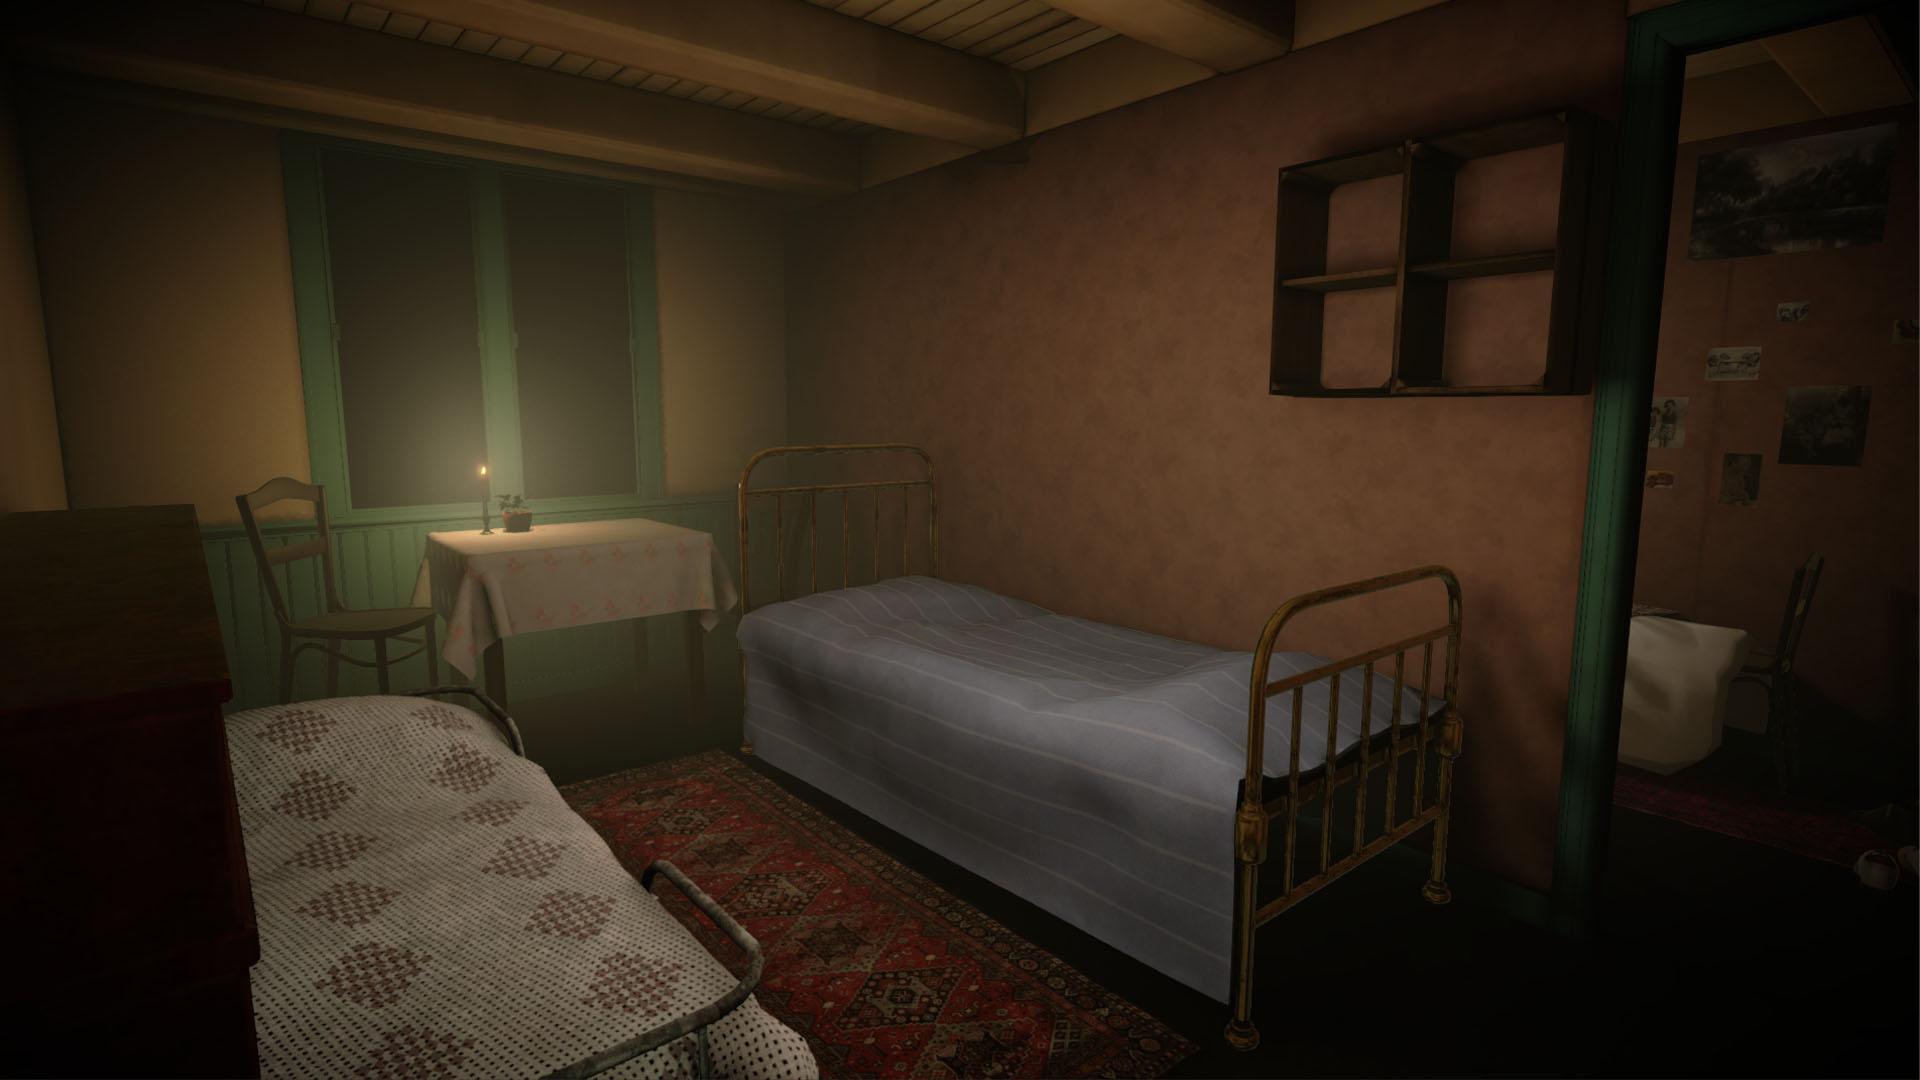 AnneFrankVR_GameplayStills_v001_FamilyRoom.jpg